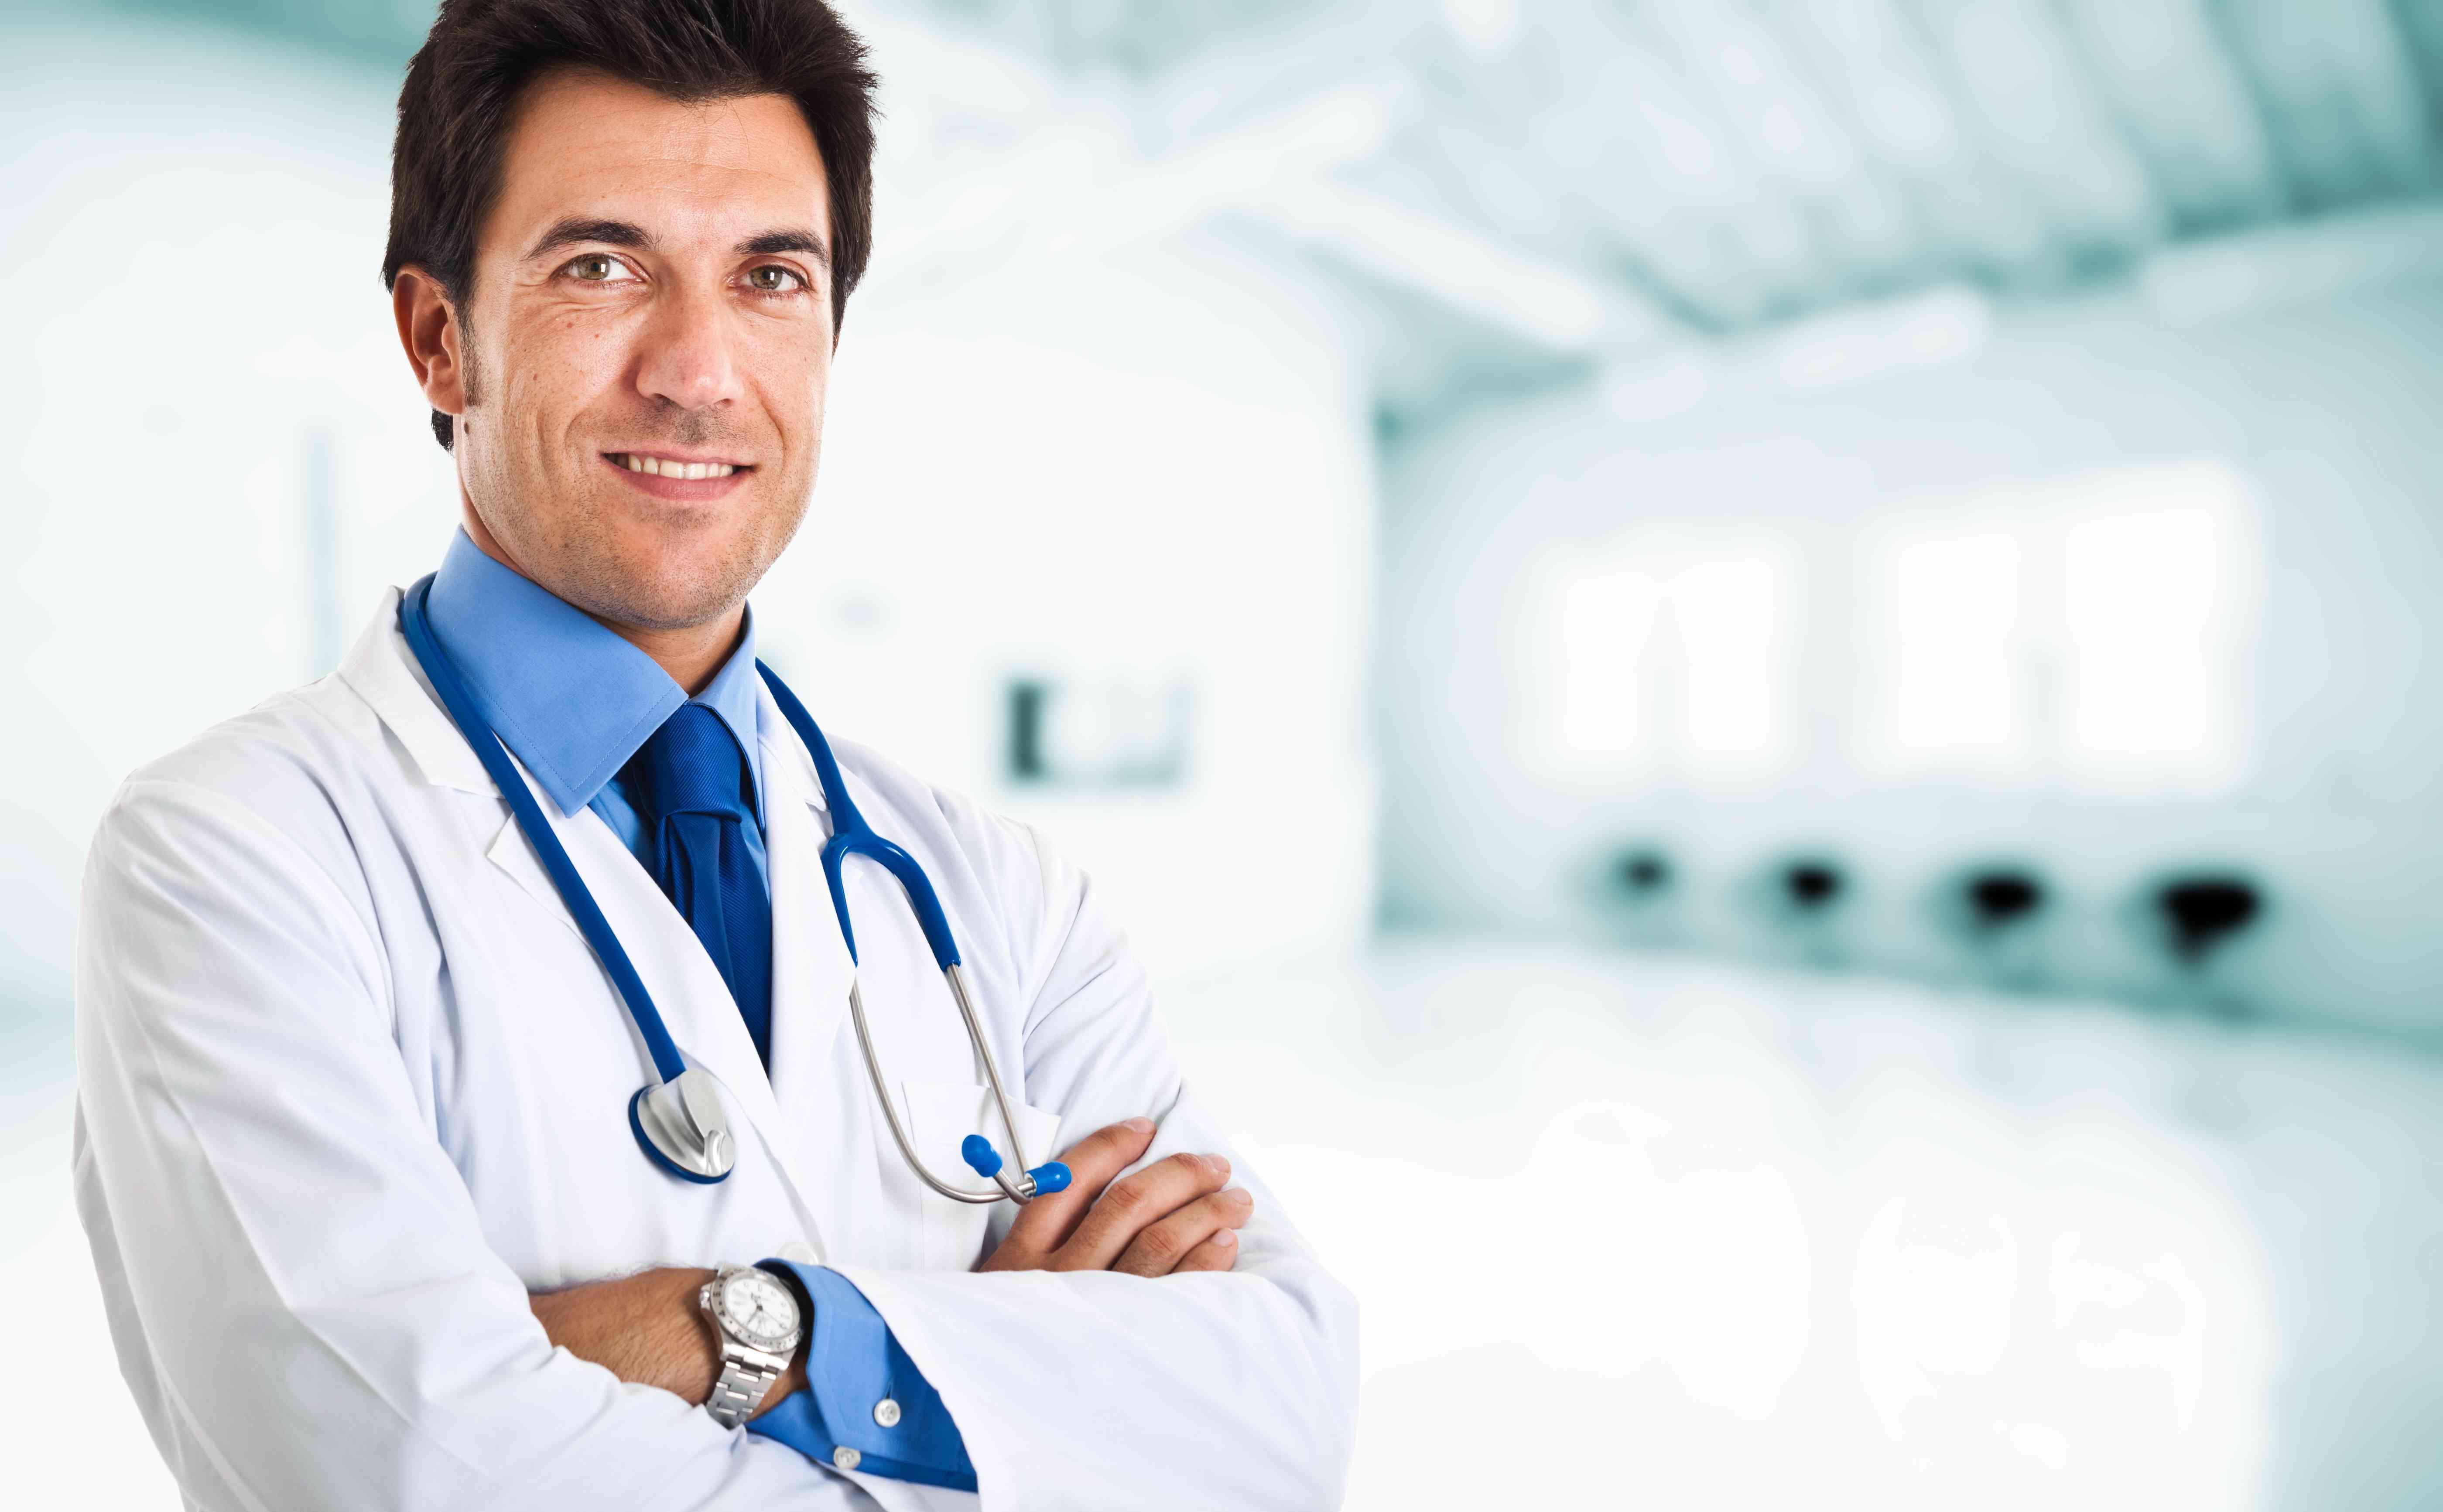 10 Dicas para Ser um Médico Bem Sucedido